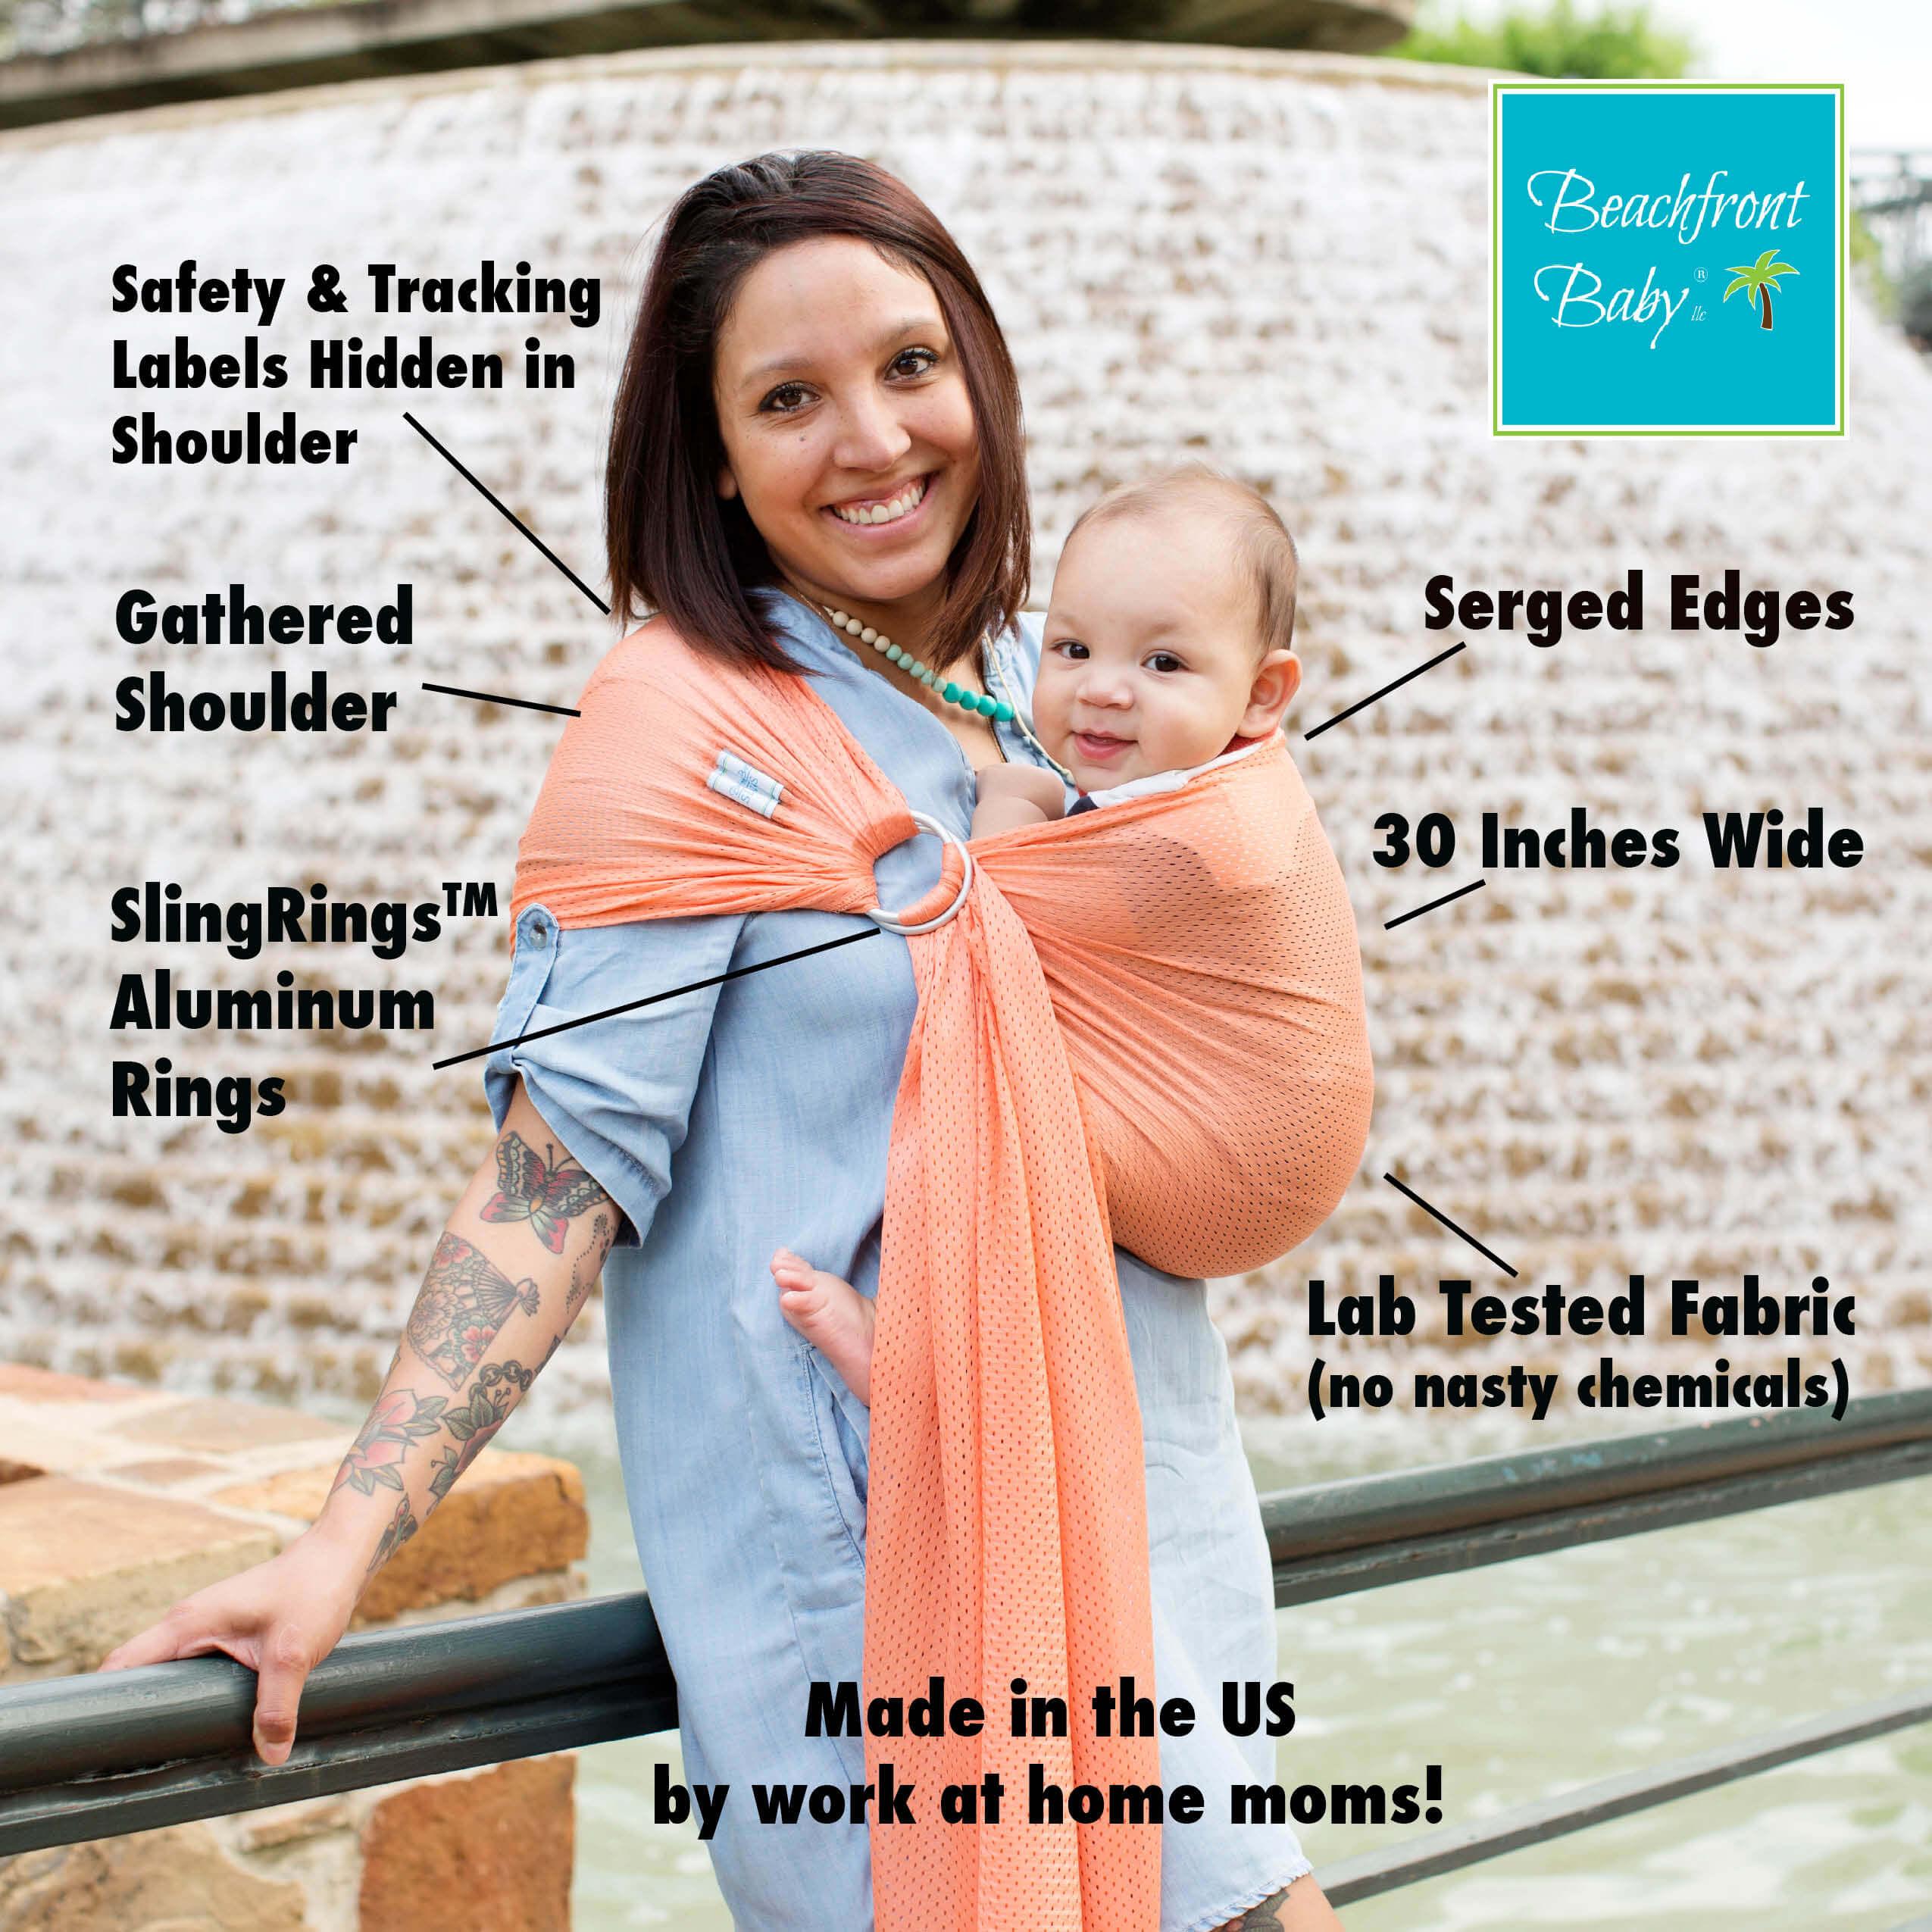 Petite Beachfront Baby Sling Beachfront Baby Versatile Baby Carriers